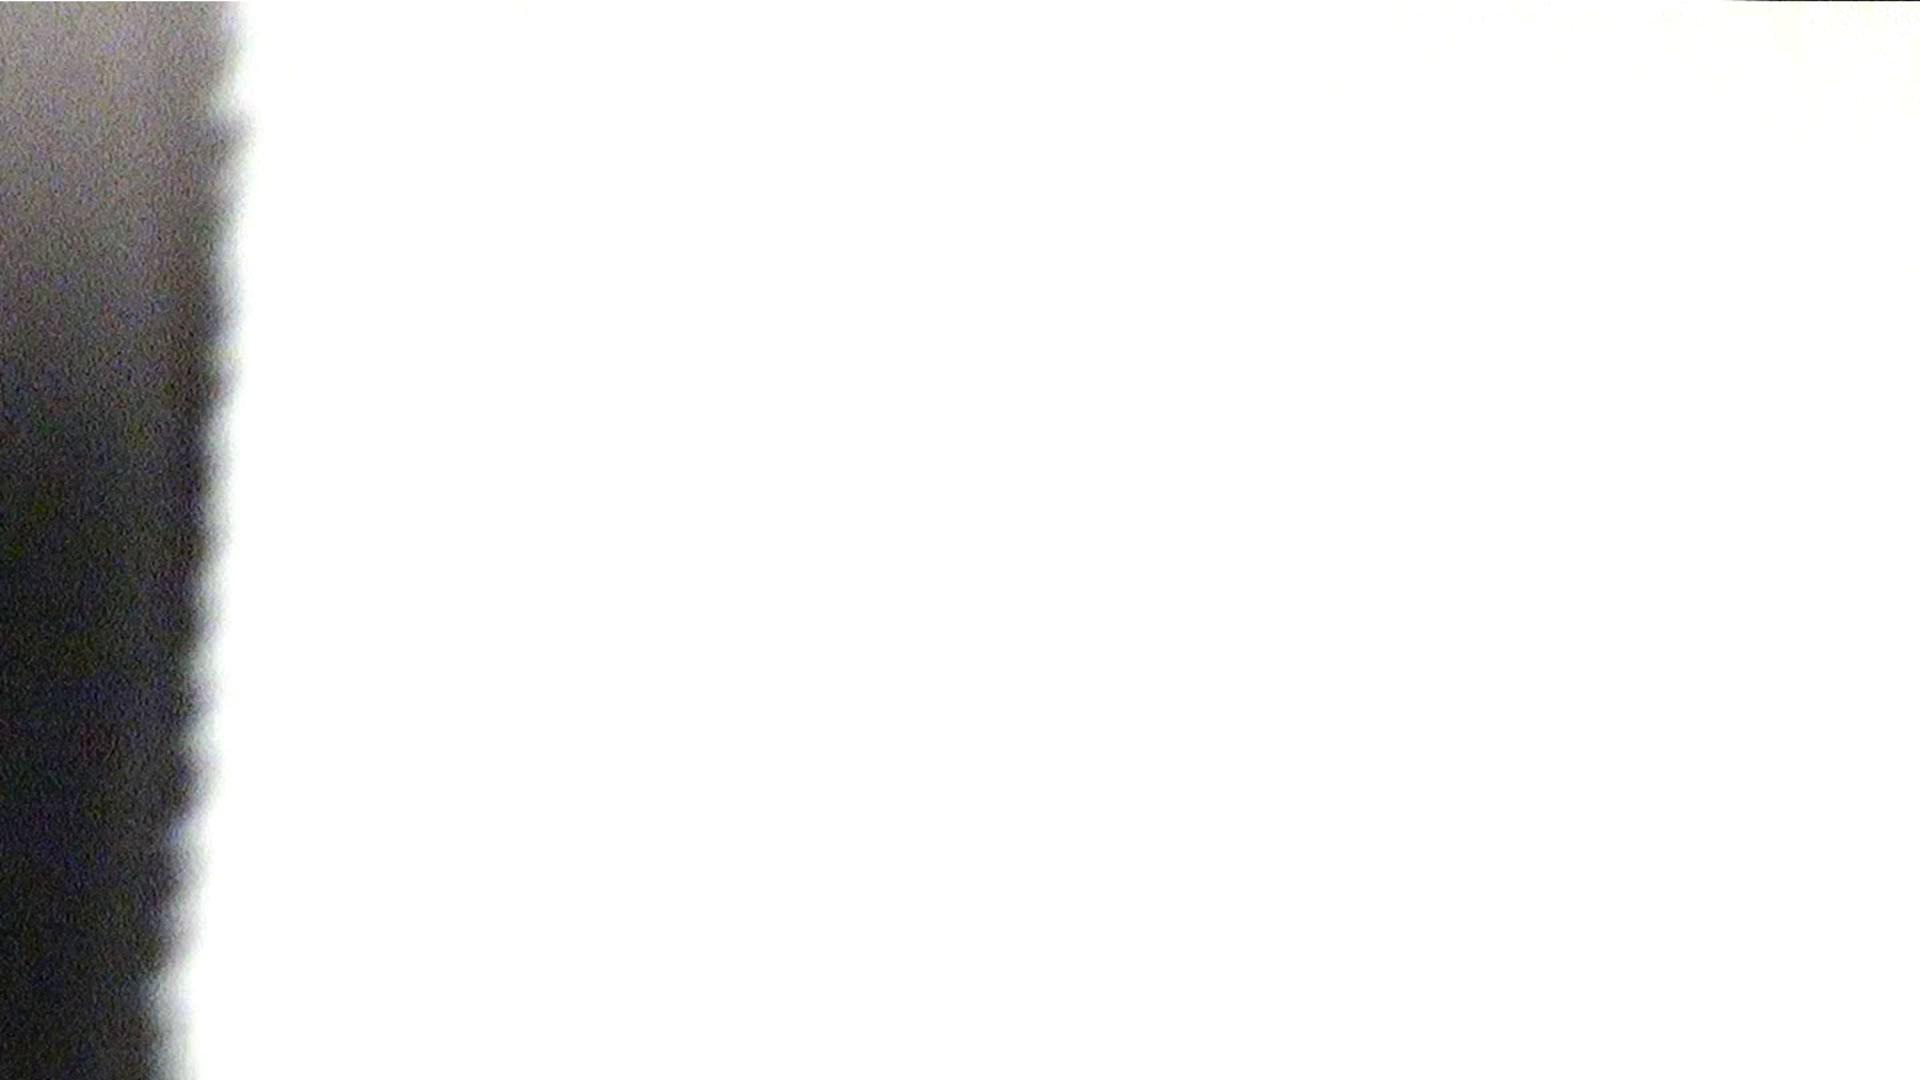 販売 至高下半身盗撮 プレミアム Vol.17 ハイビジョン ギャル攻め おまんこ無修正動画無料 69画像 37